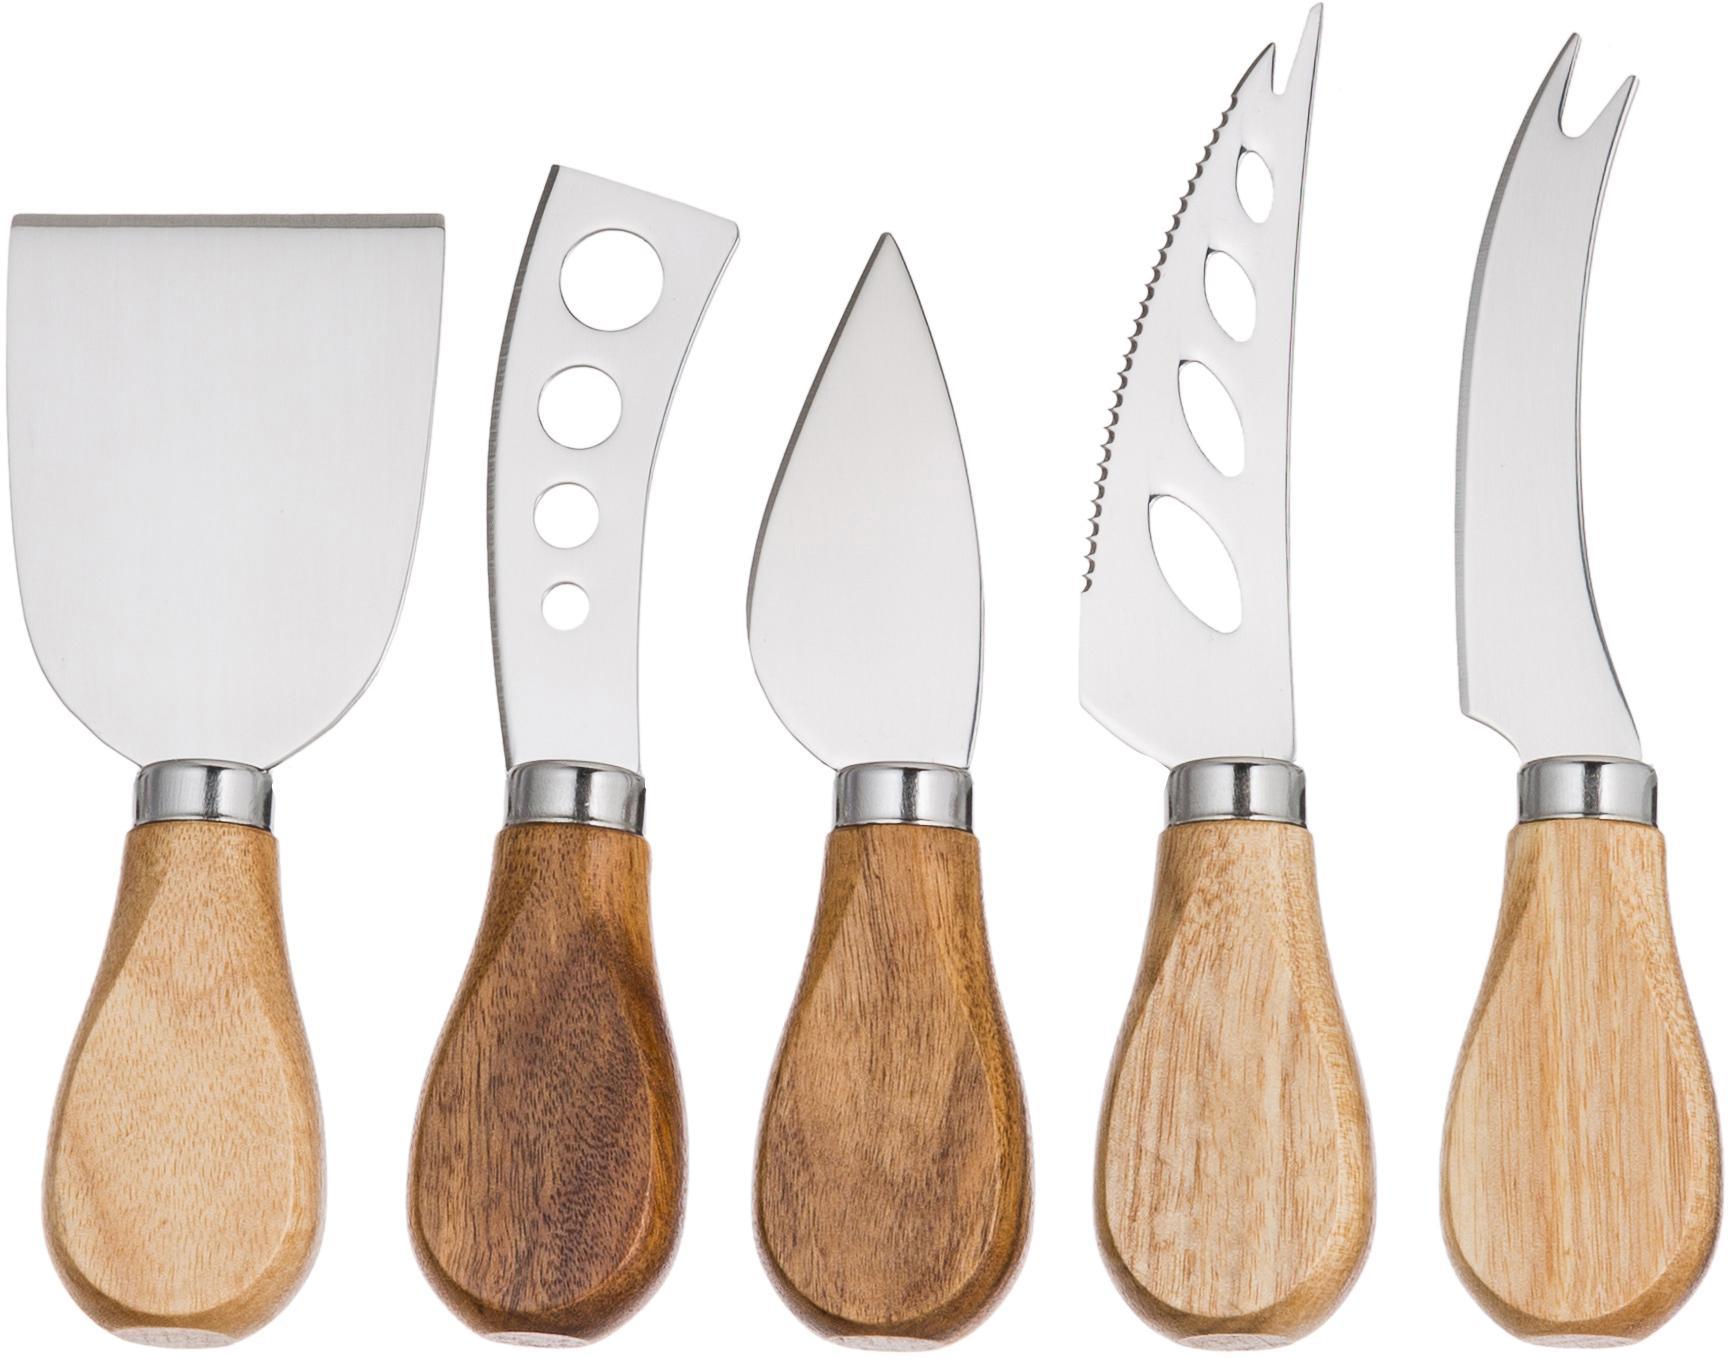 Komplet noży do sera Frija, 5 elem., Drewno akacjowe, stal szlachetna, Komplet z różnymi rozmiarami